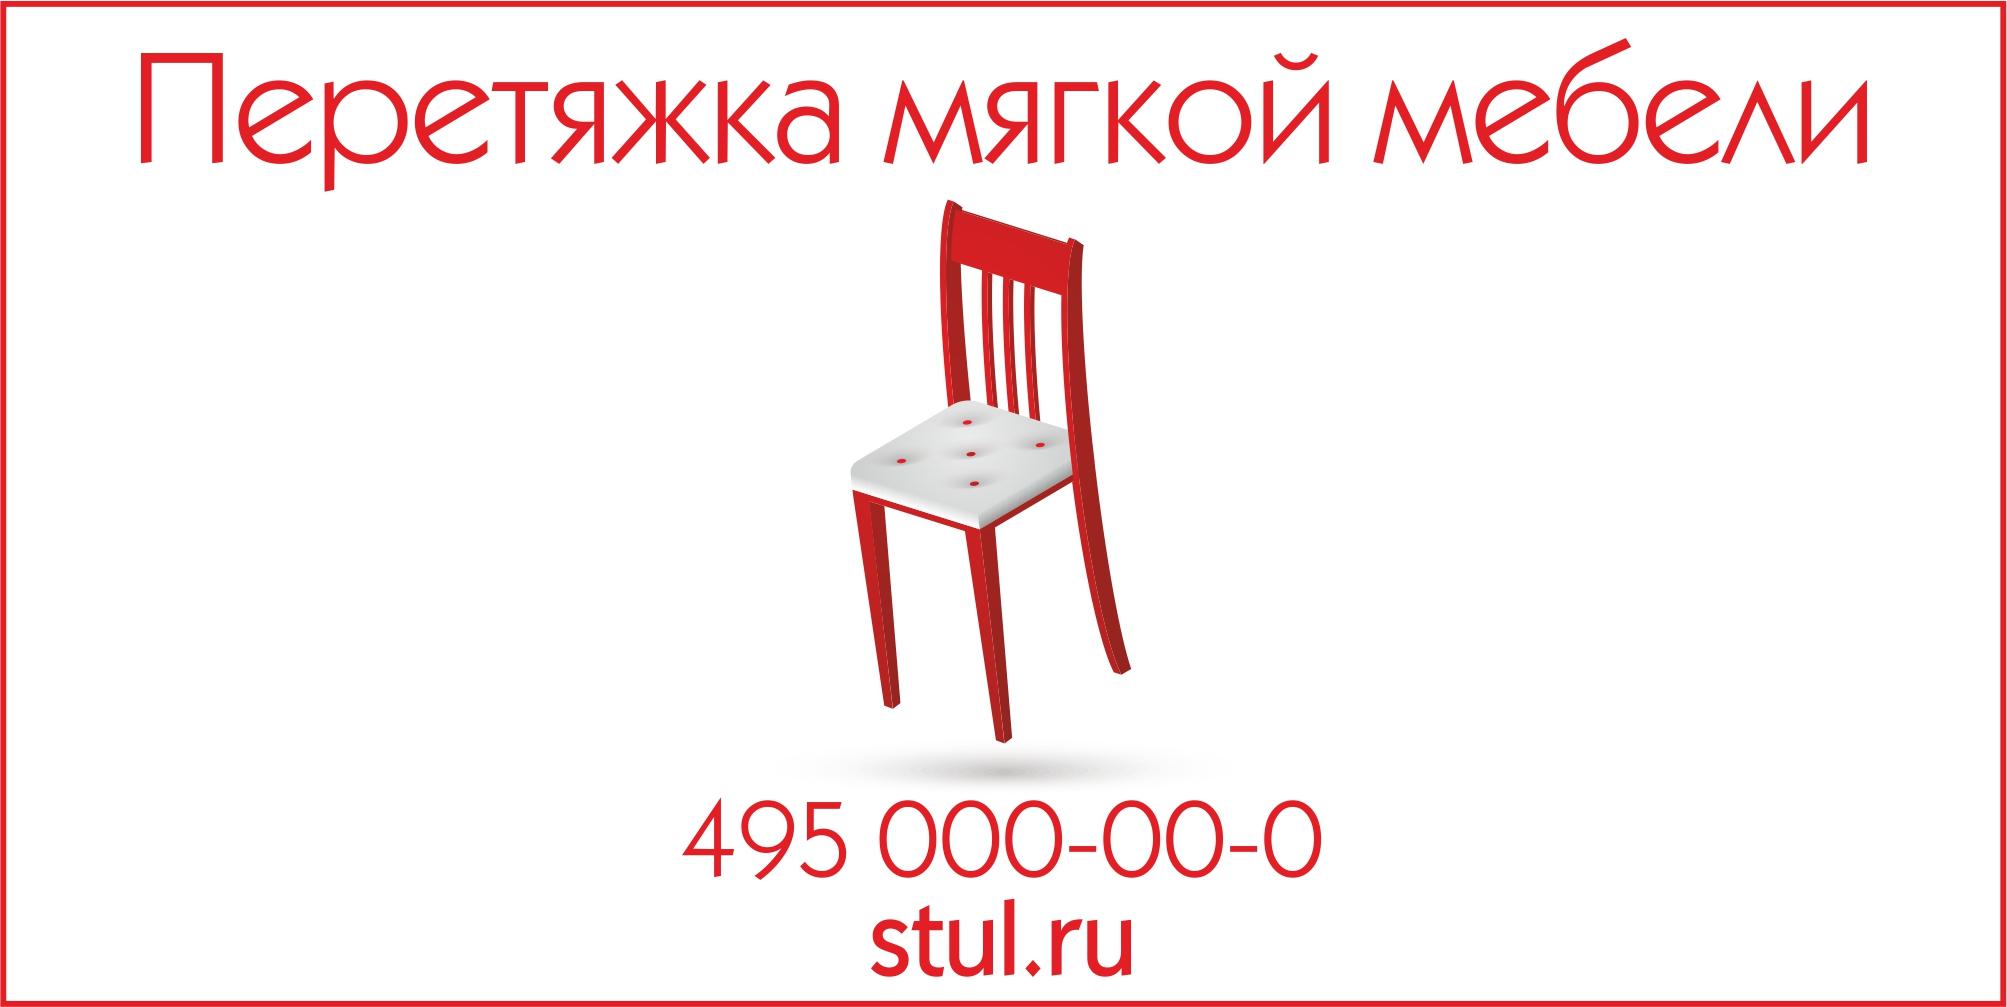 логотип и дизайн для билборда фото f_475549703f892cff.jpg